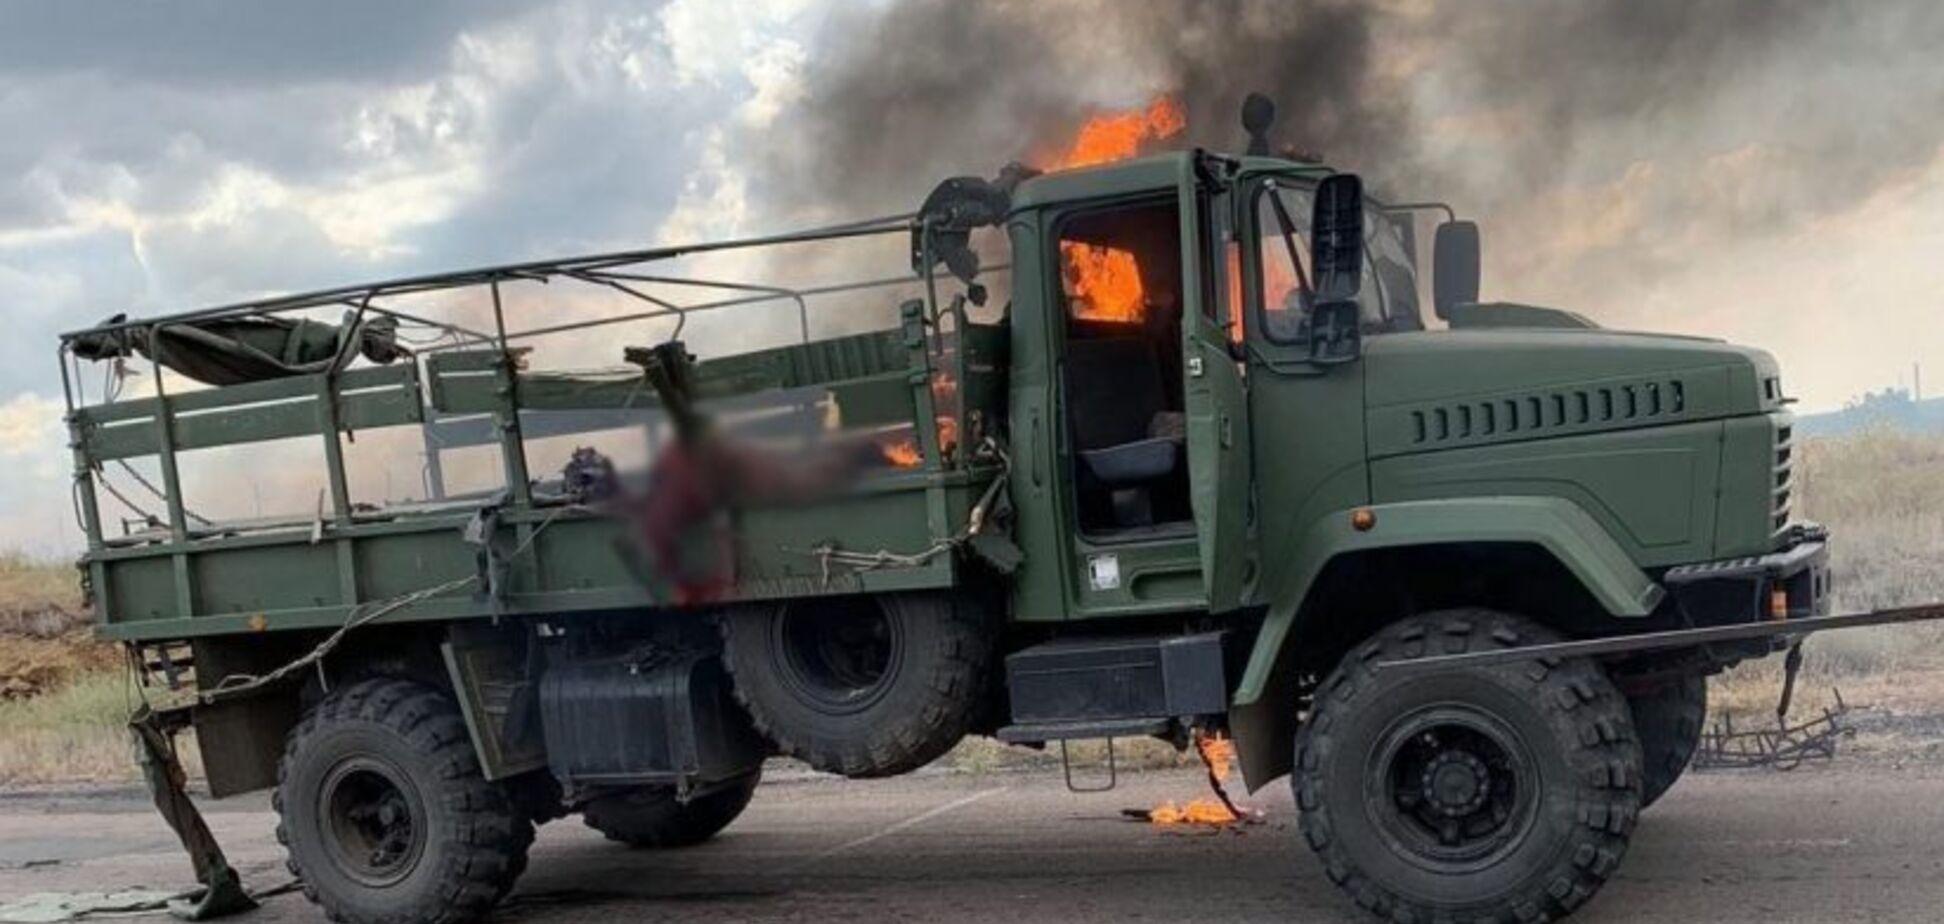 Трагедия с военной колонной на Донбассе: в ВМС назвали возможную цель террористов